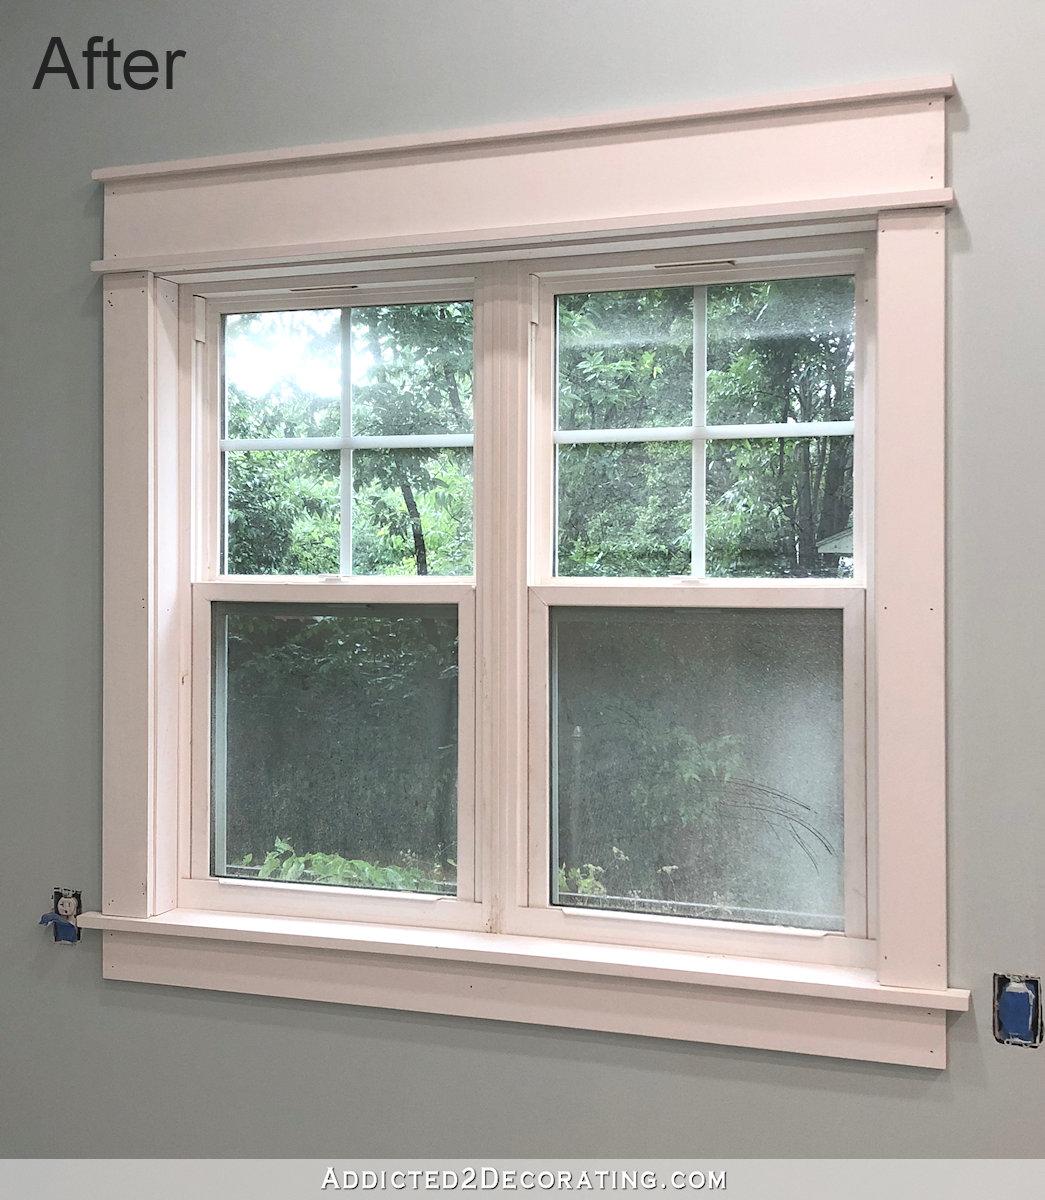 Comment installer des encadrements de fenêtre faciles à construire (sans coupes d'onglet!)